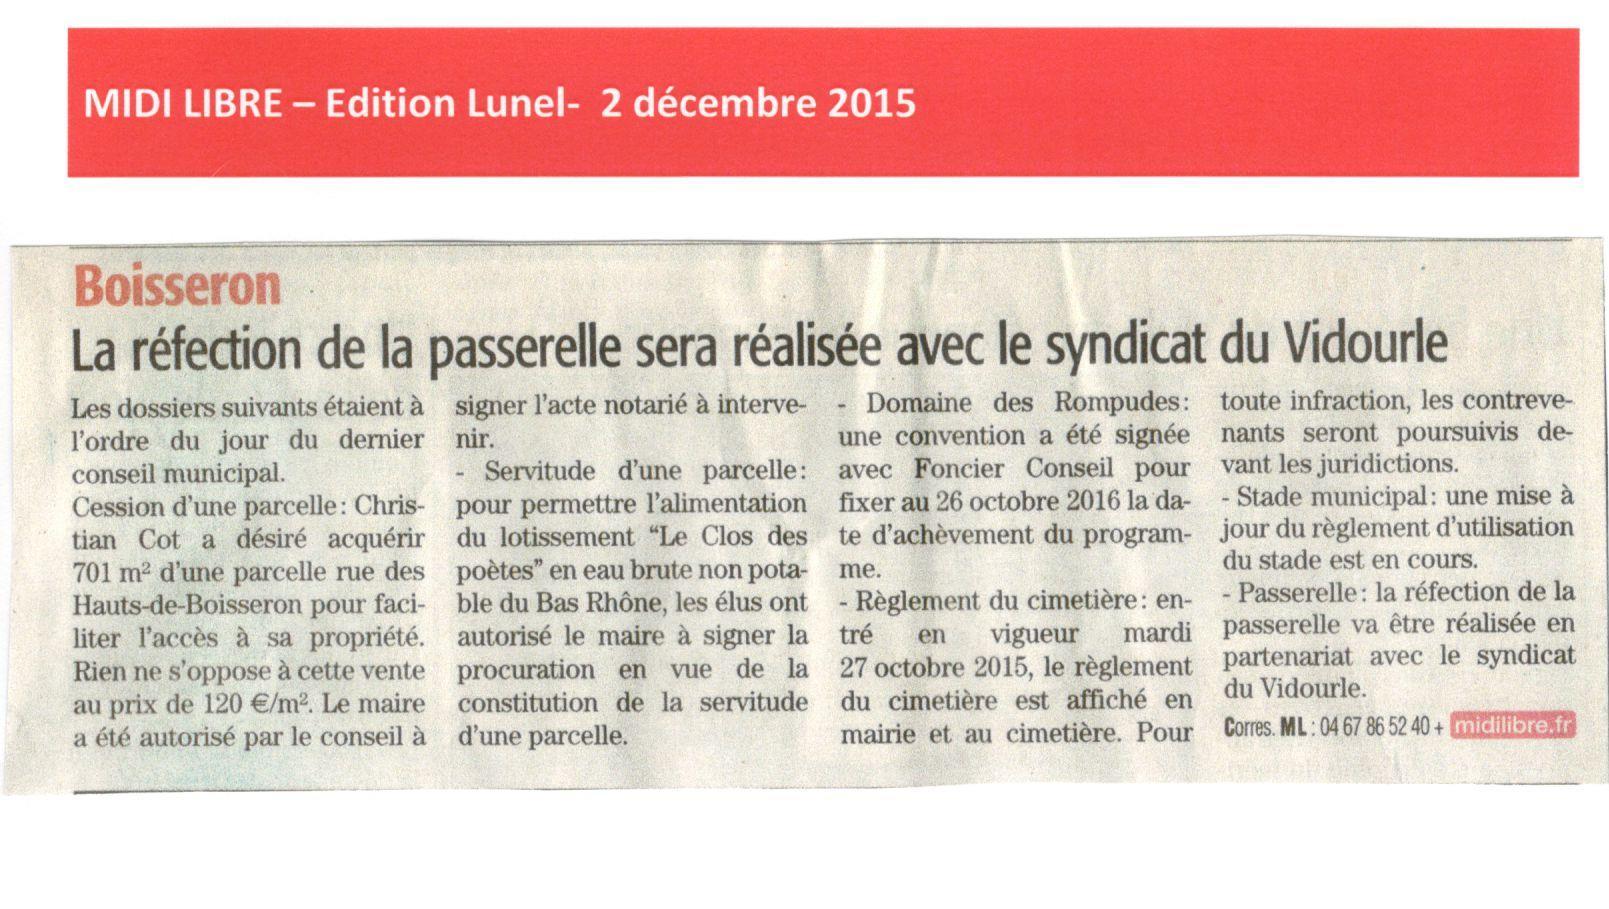 La réfection de la passerelle de Boisseron sera réalisée avec le Syndicat du Vidourle